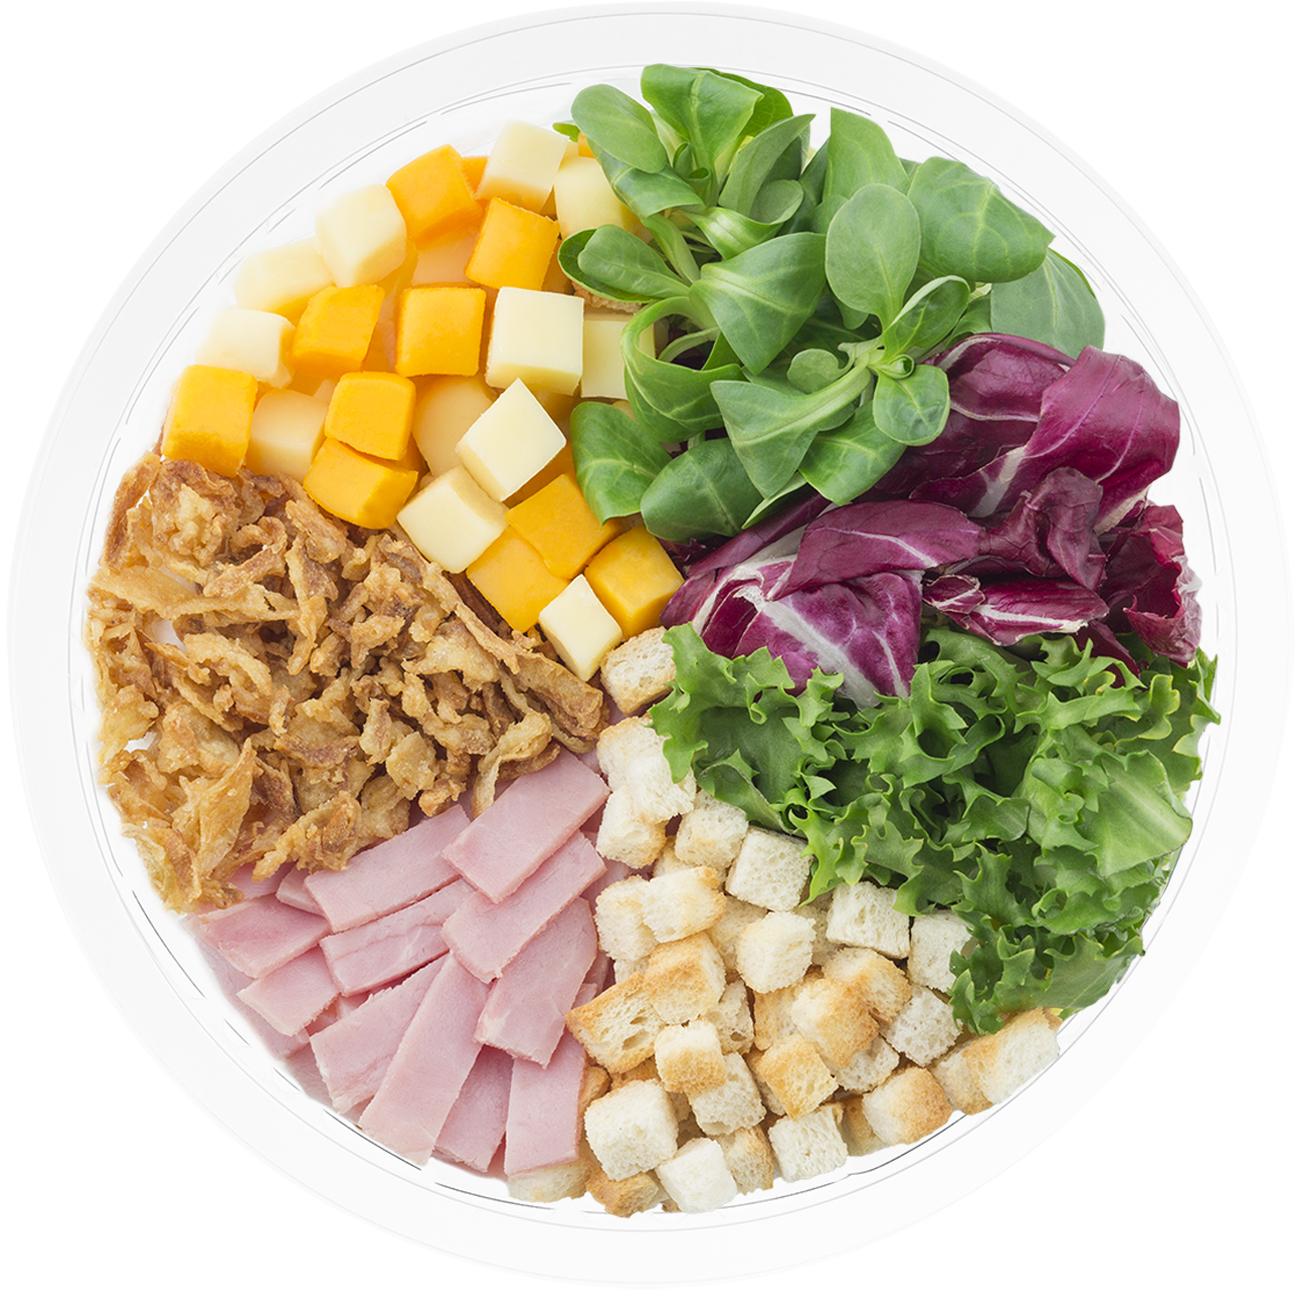 Ensalada completa New Yorker con escarola rizada, radicchio, canonigo verde, bacon, picatostes, queso cheddar, cebolla crujiente y vinagreta de modena y miel